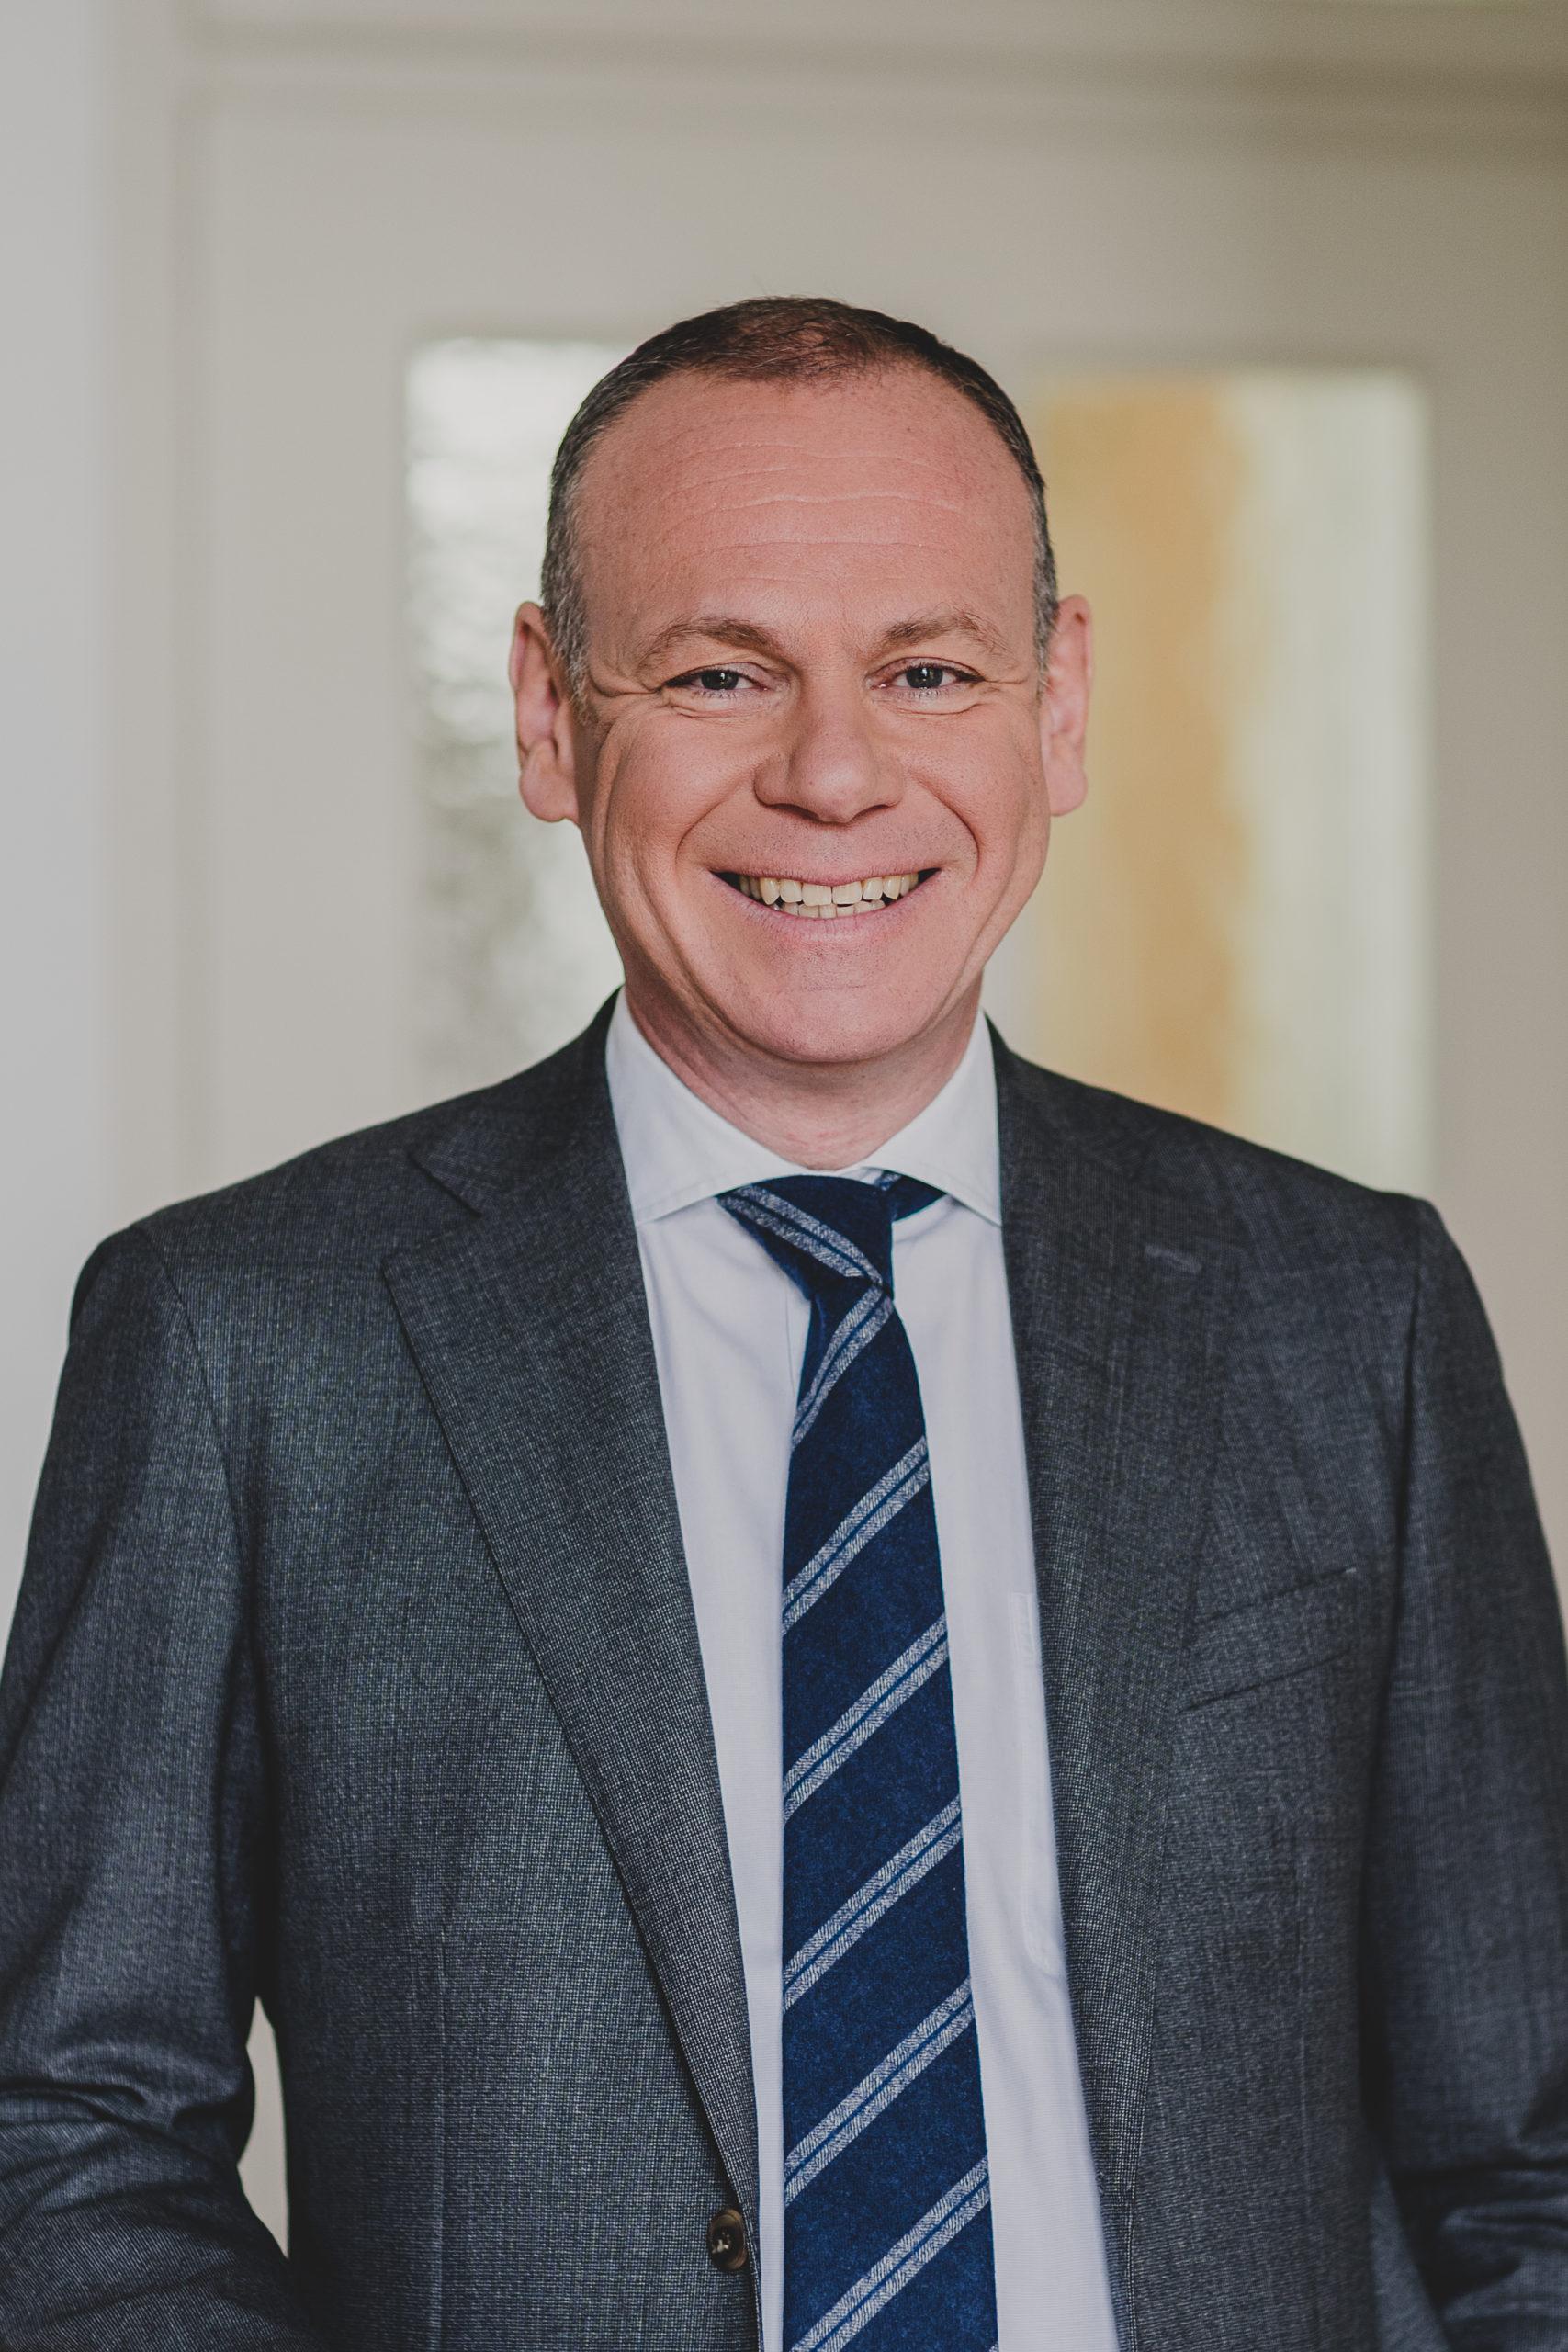 Dr. Wolfgang Summerer